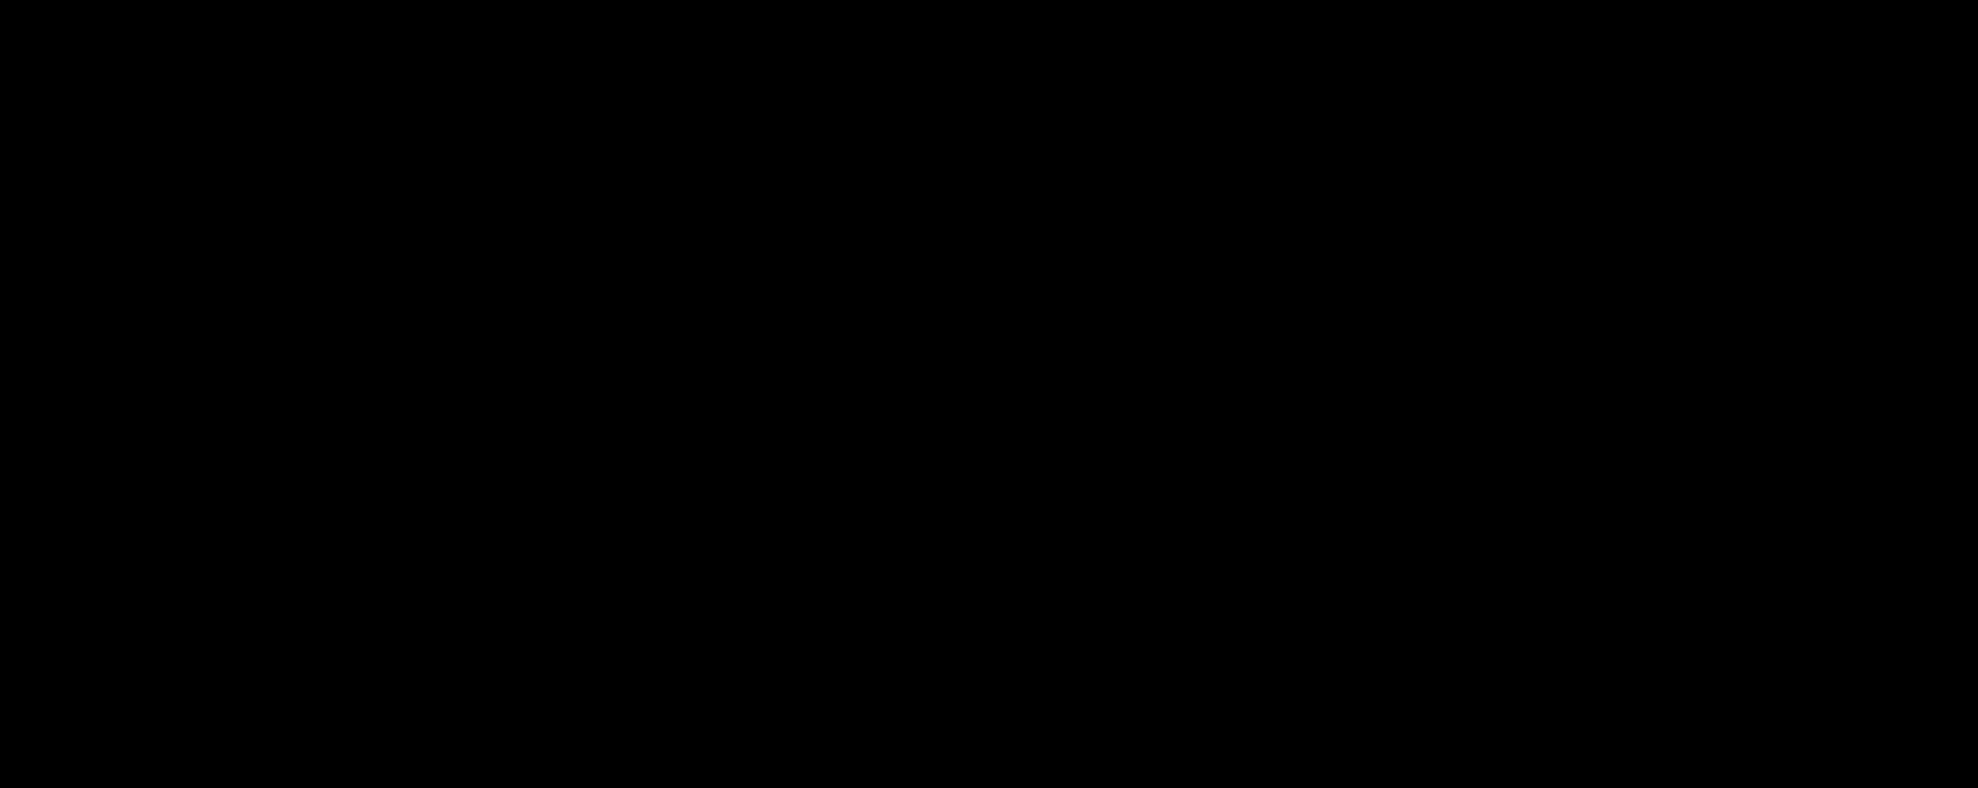 N-Acetyl serotonin β-D-glucuronide